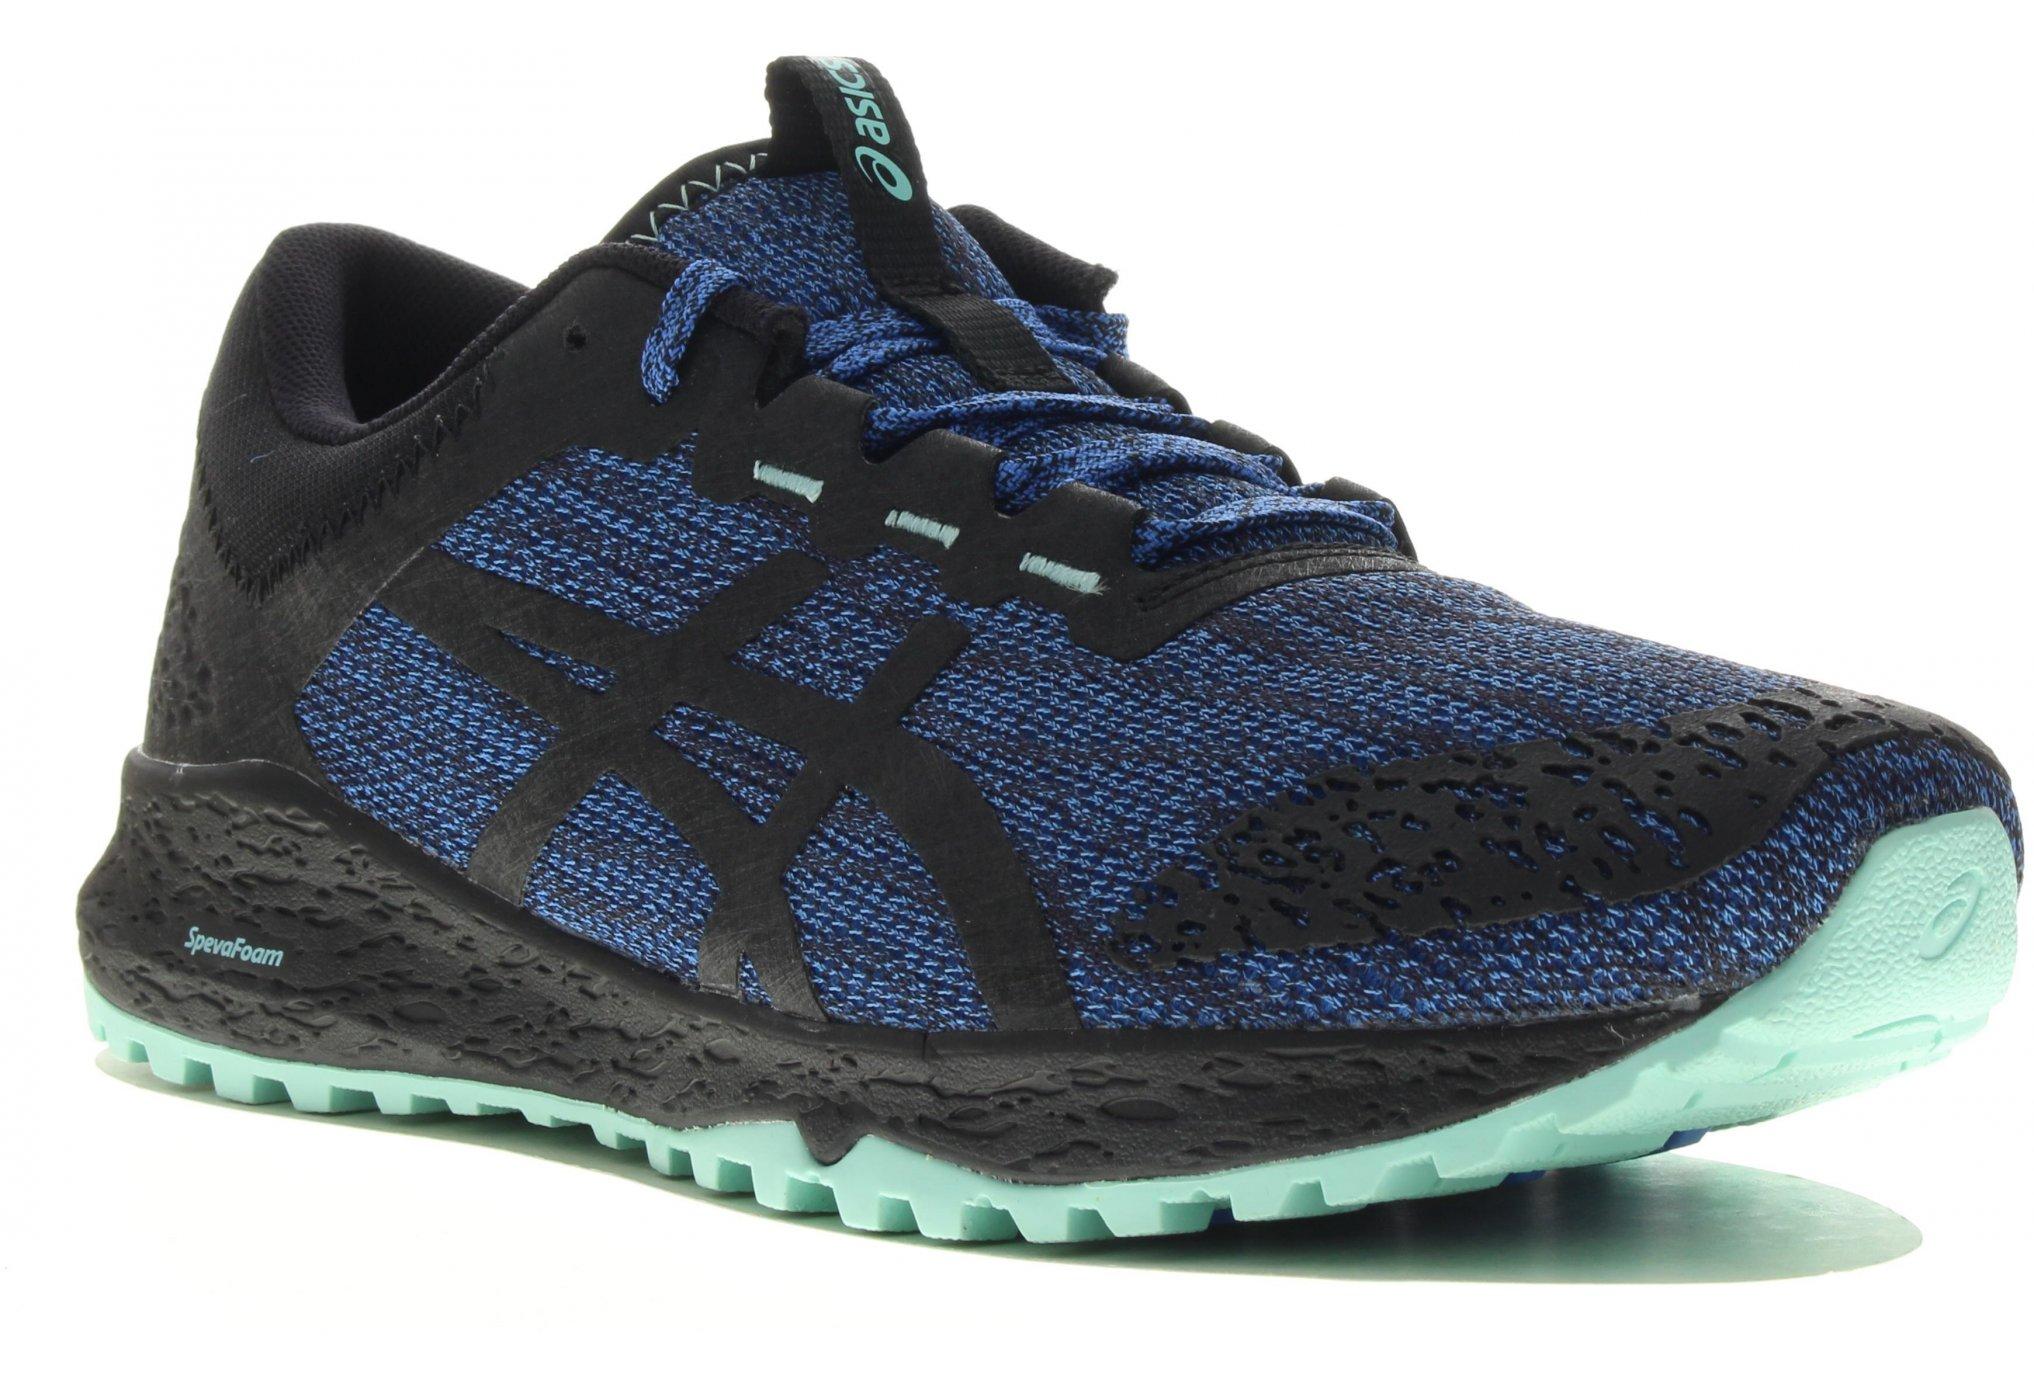 Asics Alpine xt w chaussures running femme